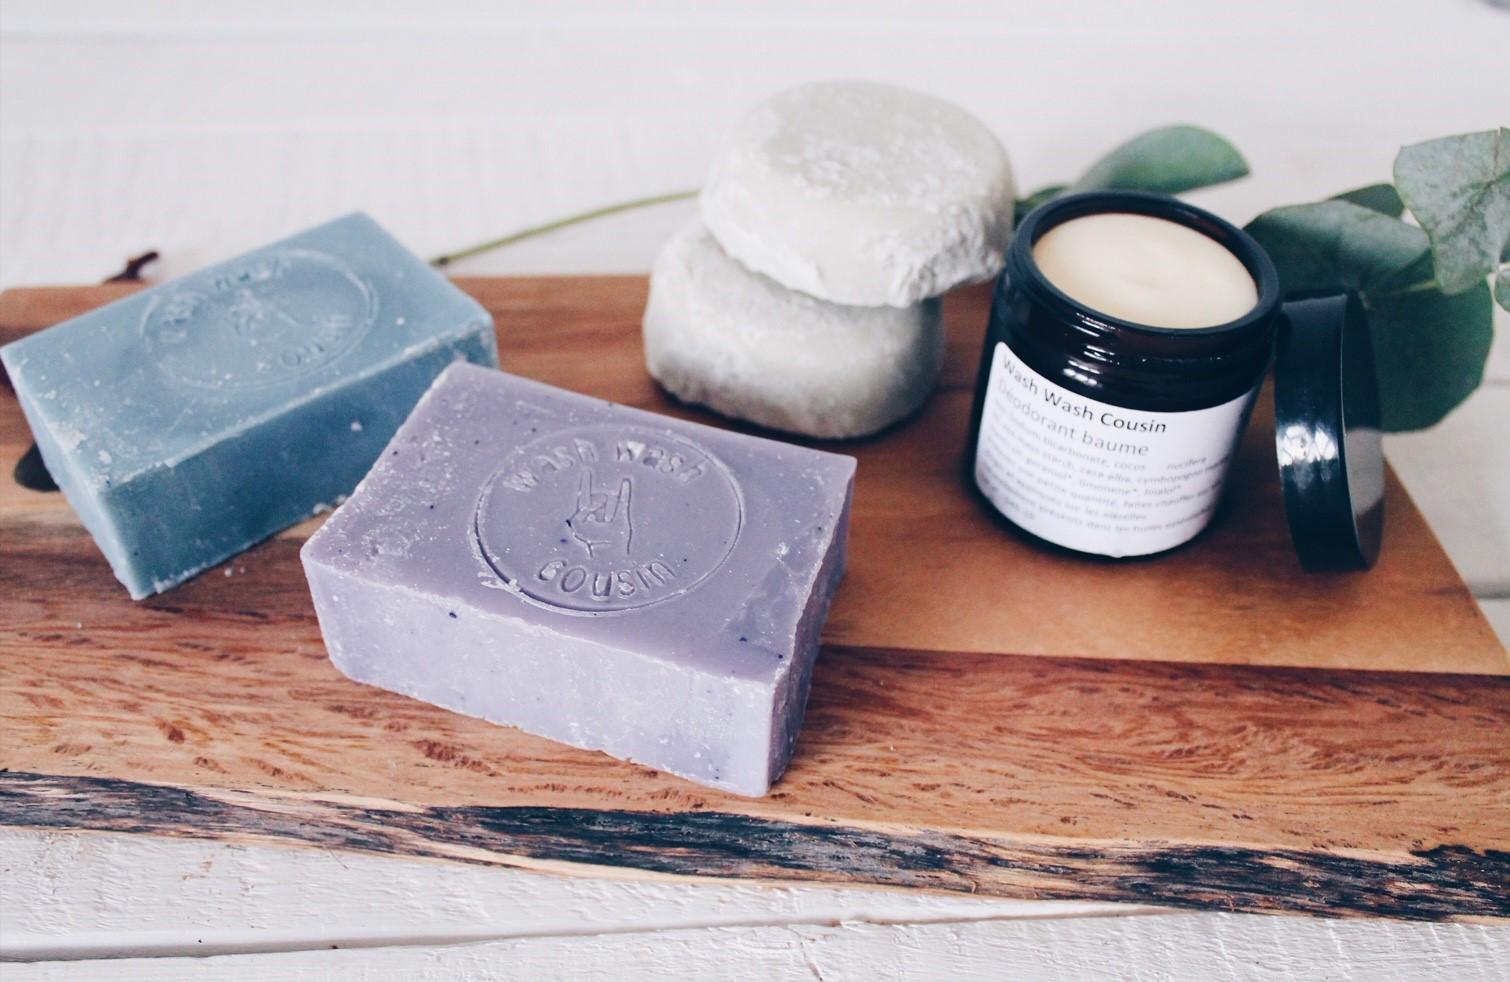 Découverte des produits made in Belgium Wash Wash Cousin, une savonnerie artisanale basée à Namur : zéro déchets et vegan !